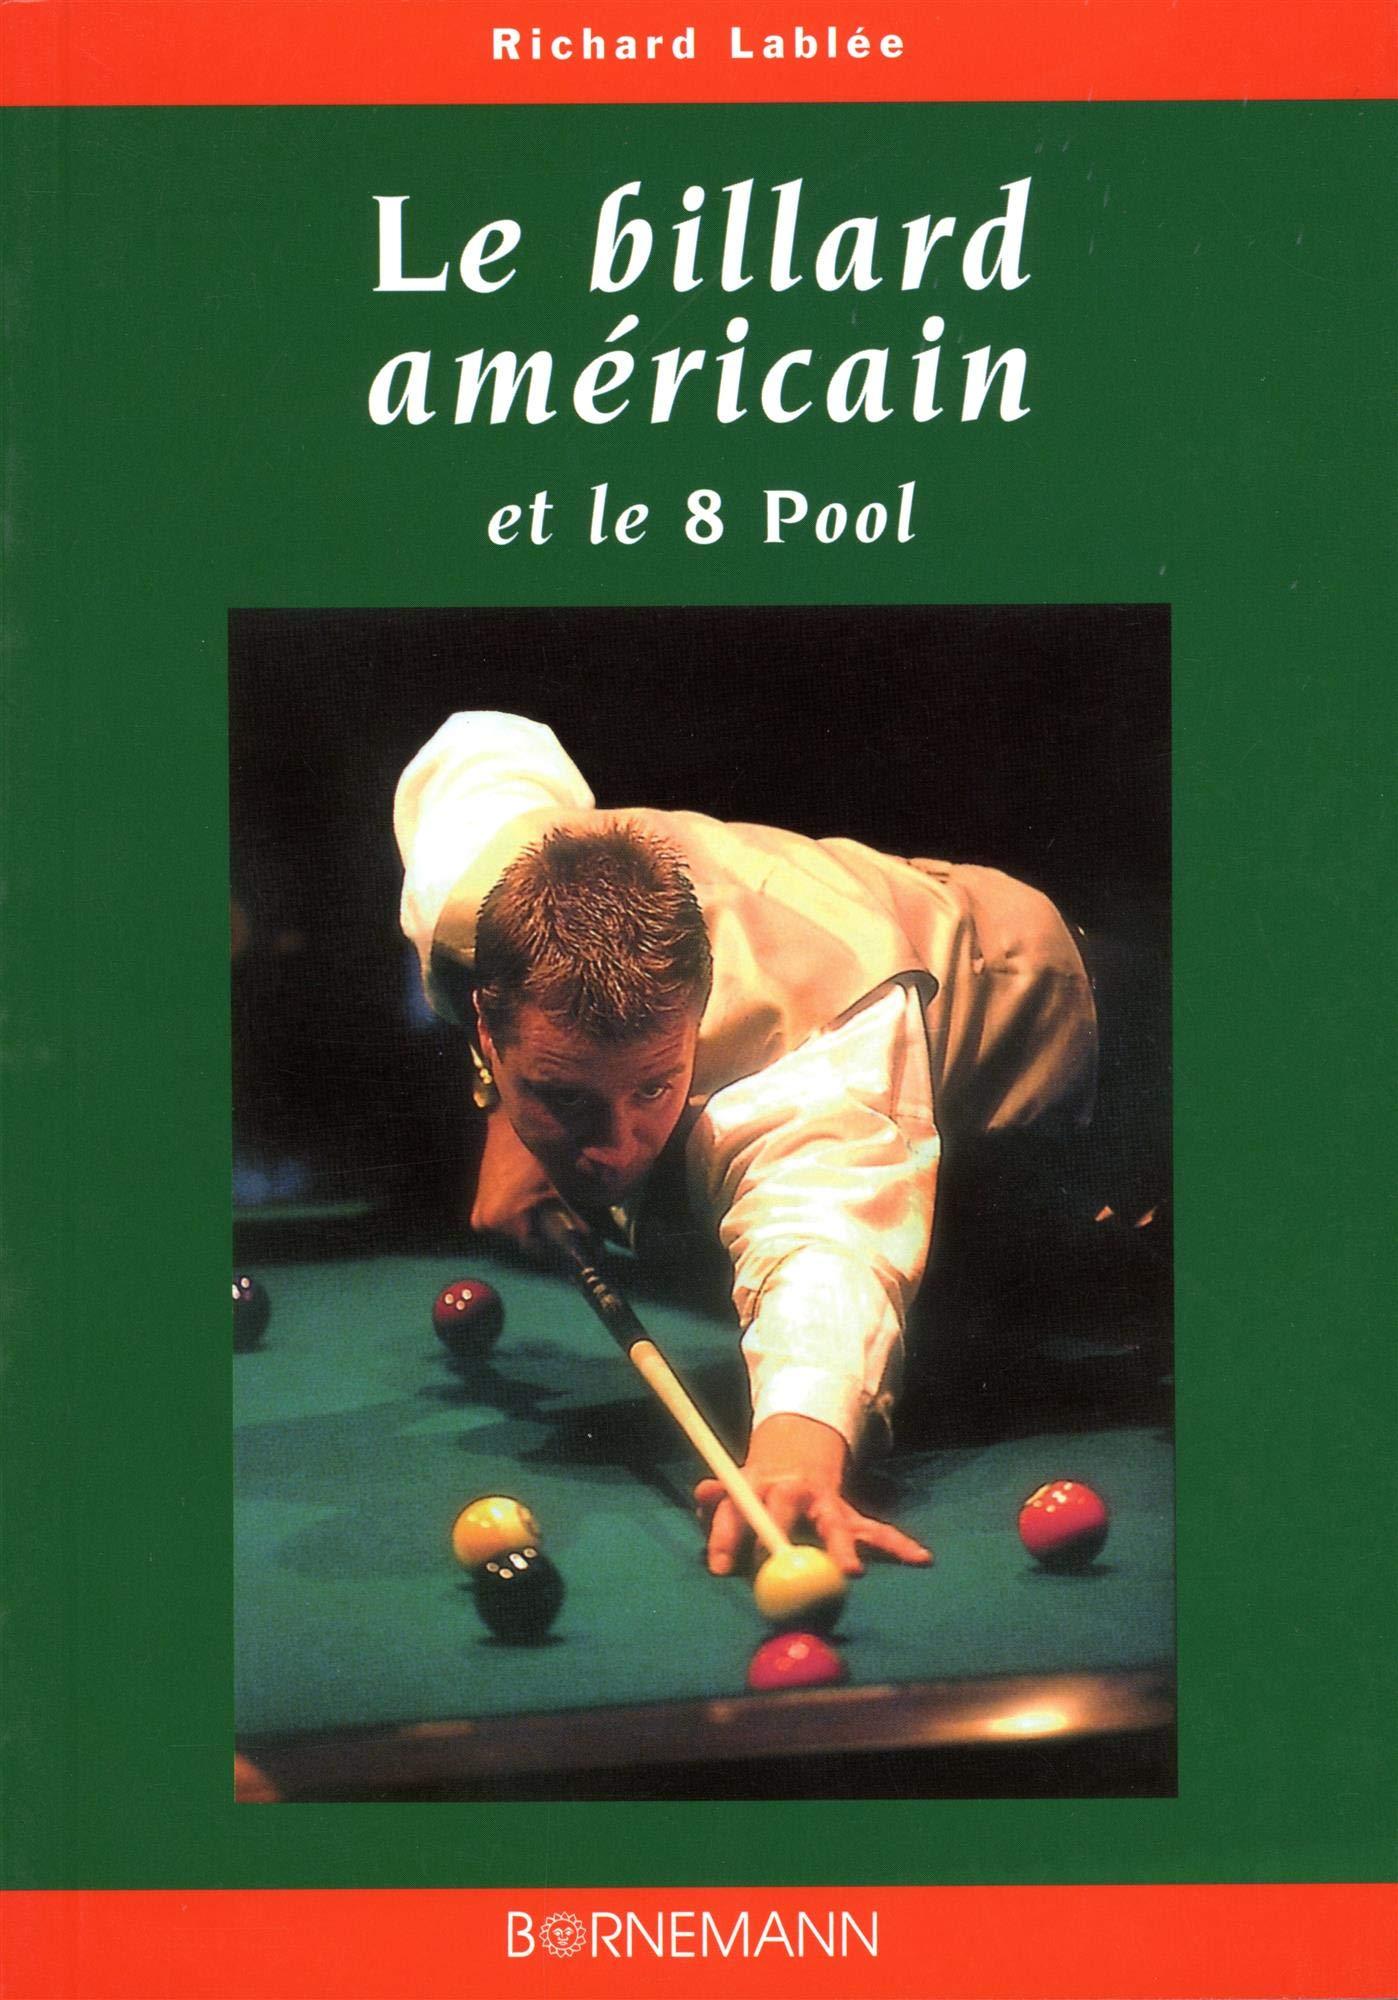 Billard americain et le 8 pool (JEUX): Amazon.es: Lablee, Richard ...